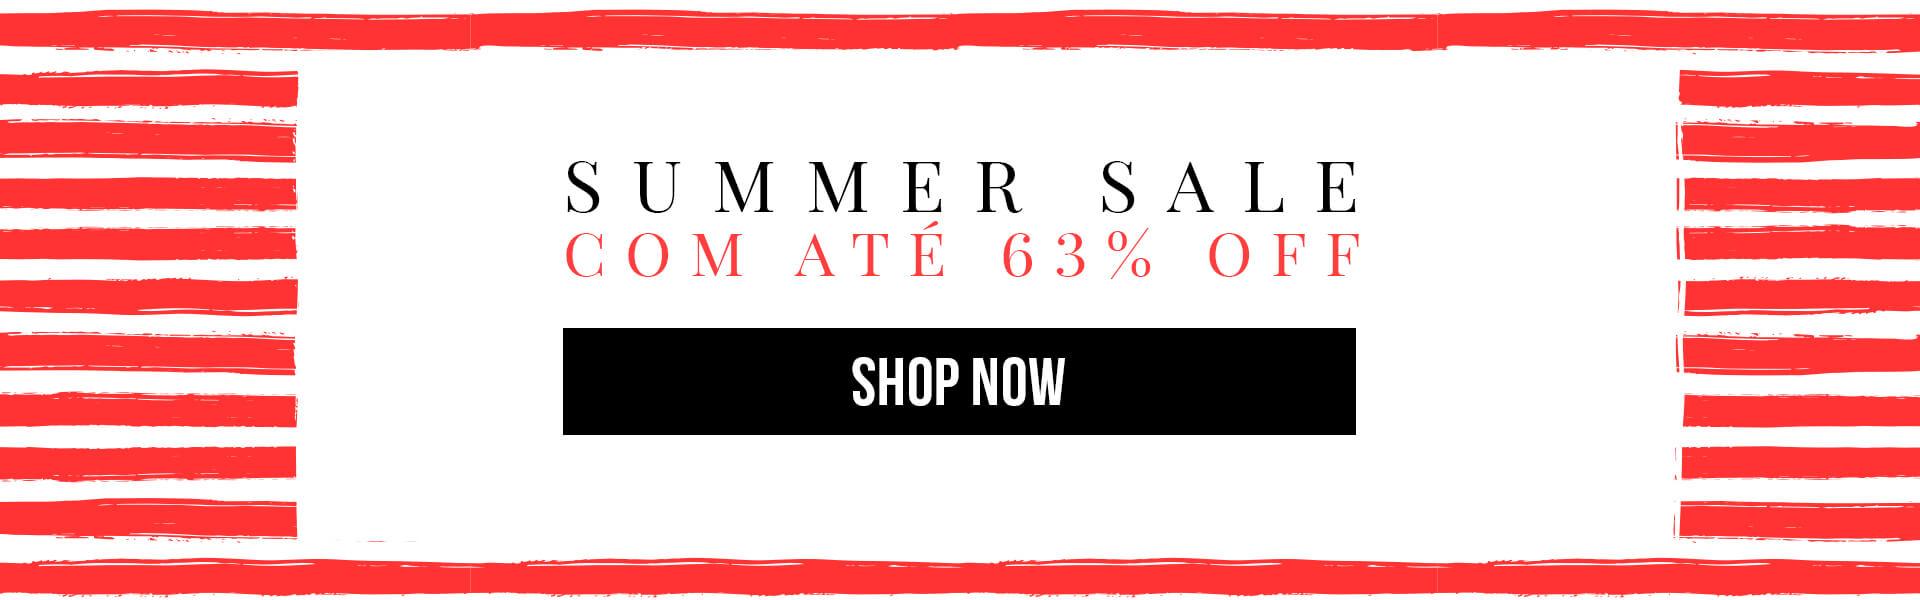 Summer Sale com até 63% OFF